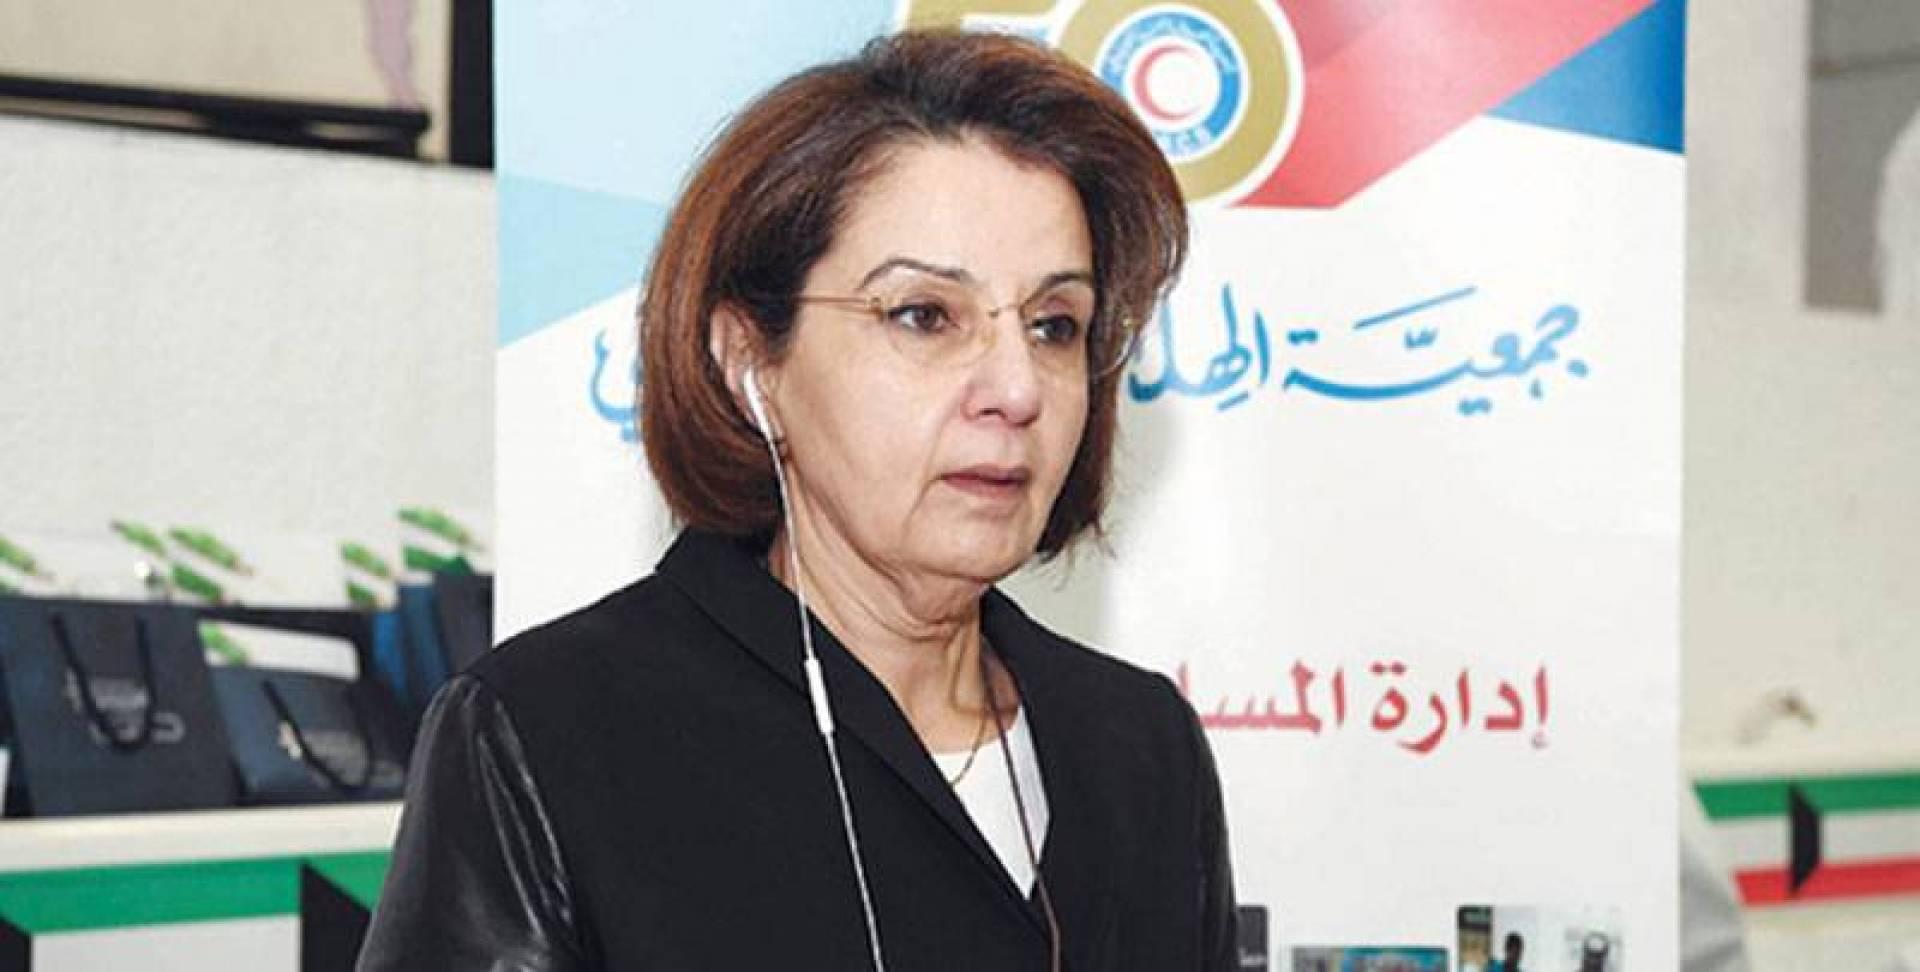 مها البرجس رداً على مقاطع فيديو لمحجورين: «النعمة زوالة ولنحمد الله على كويت العز»